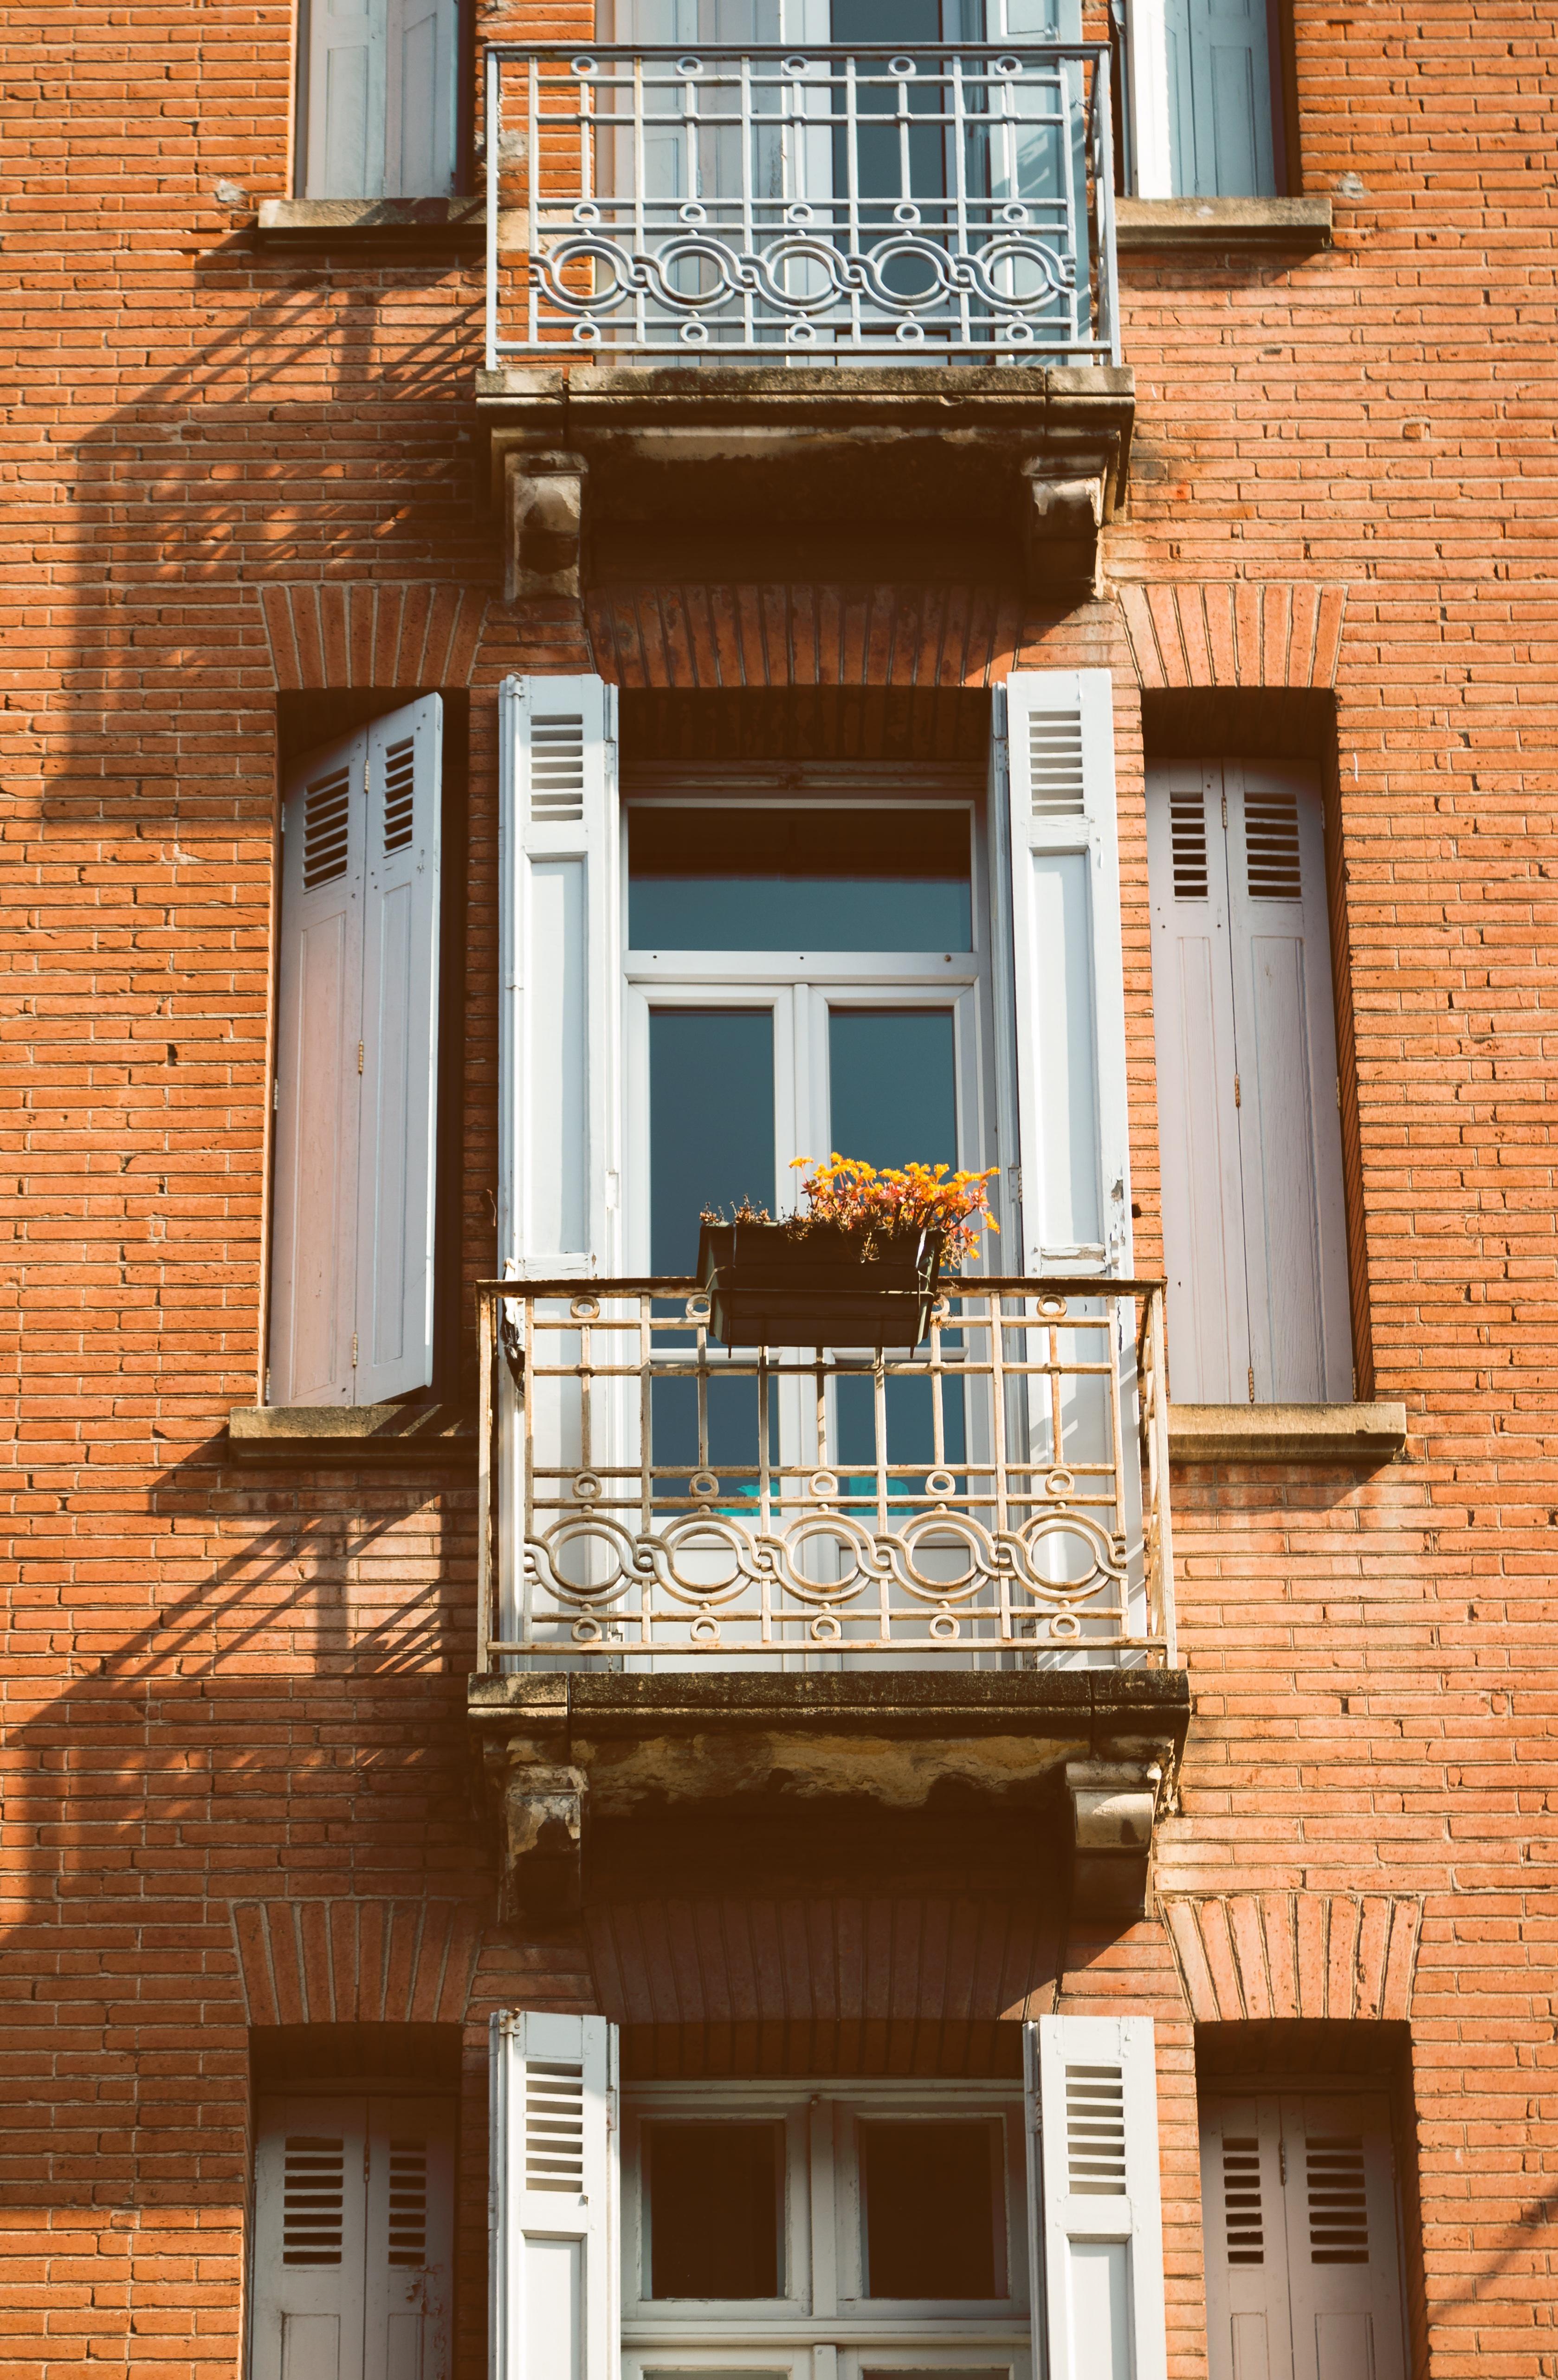 Gratis billeder : arkitektur, træ, hus, vindue, bygning, hjem ...